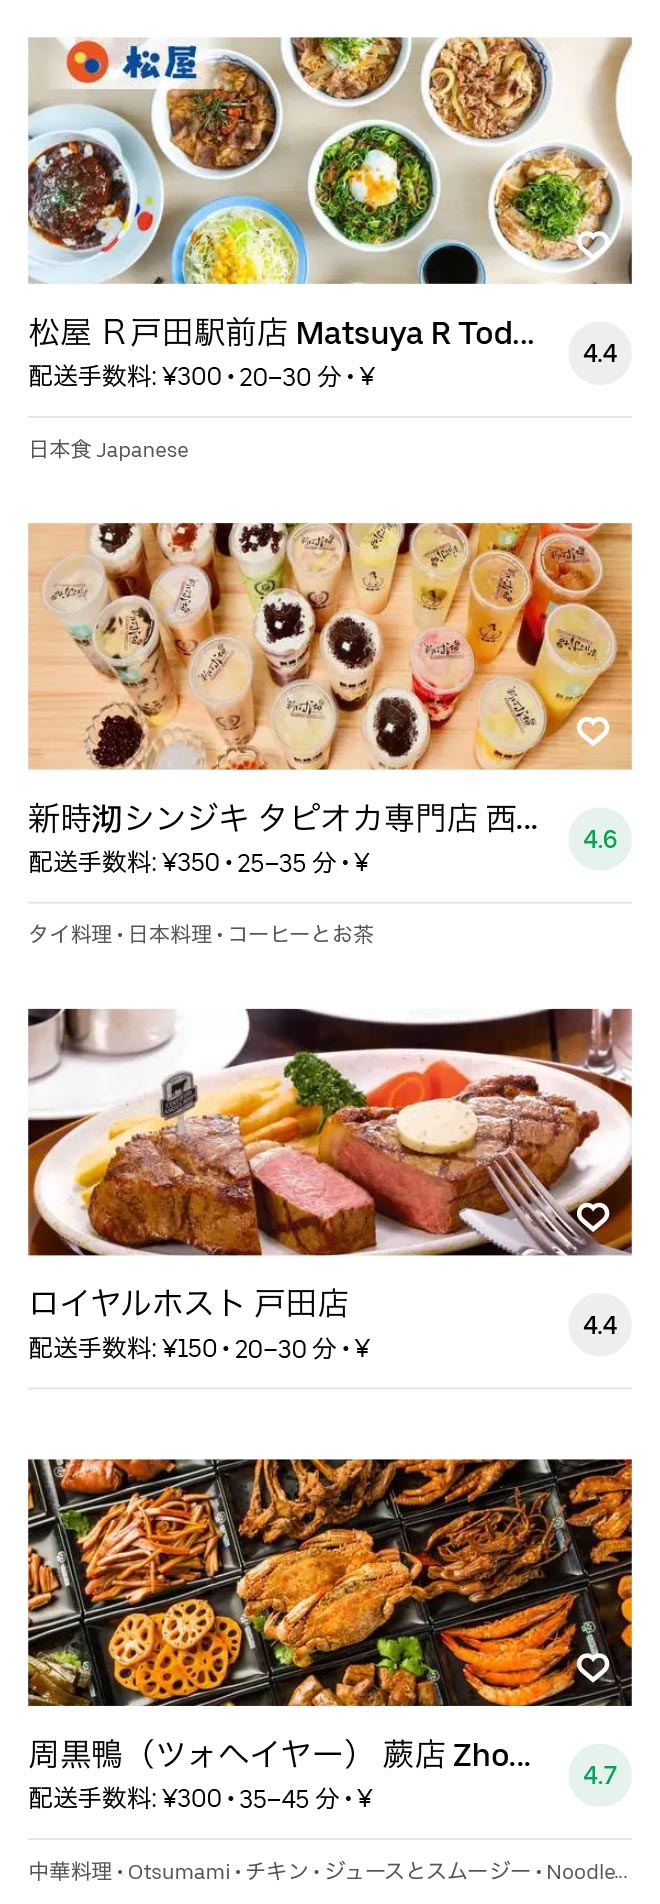 Tada kouen menu 2010 12